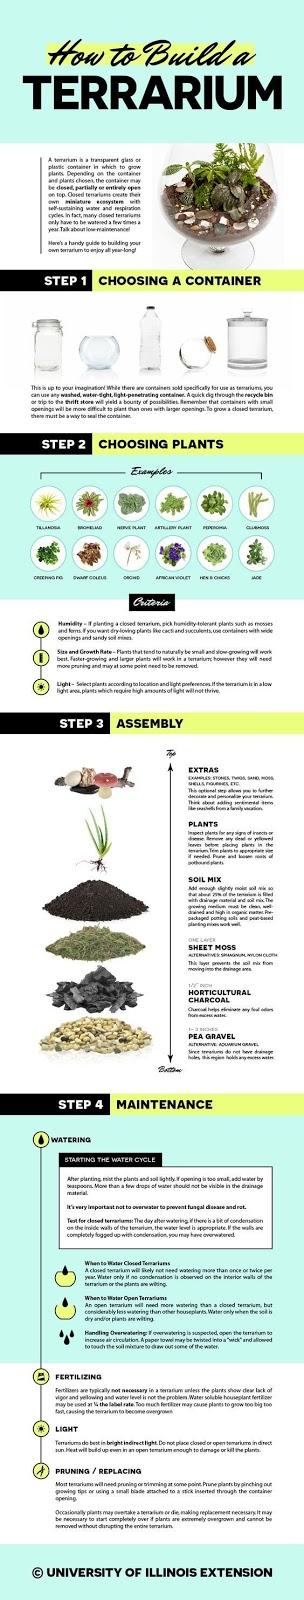 Cara Membuat Terarium Sendiri di Rumah - Infografis